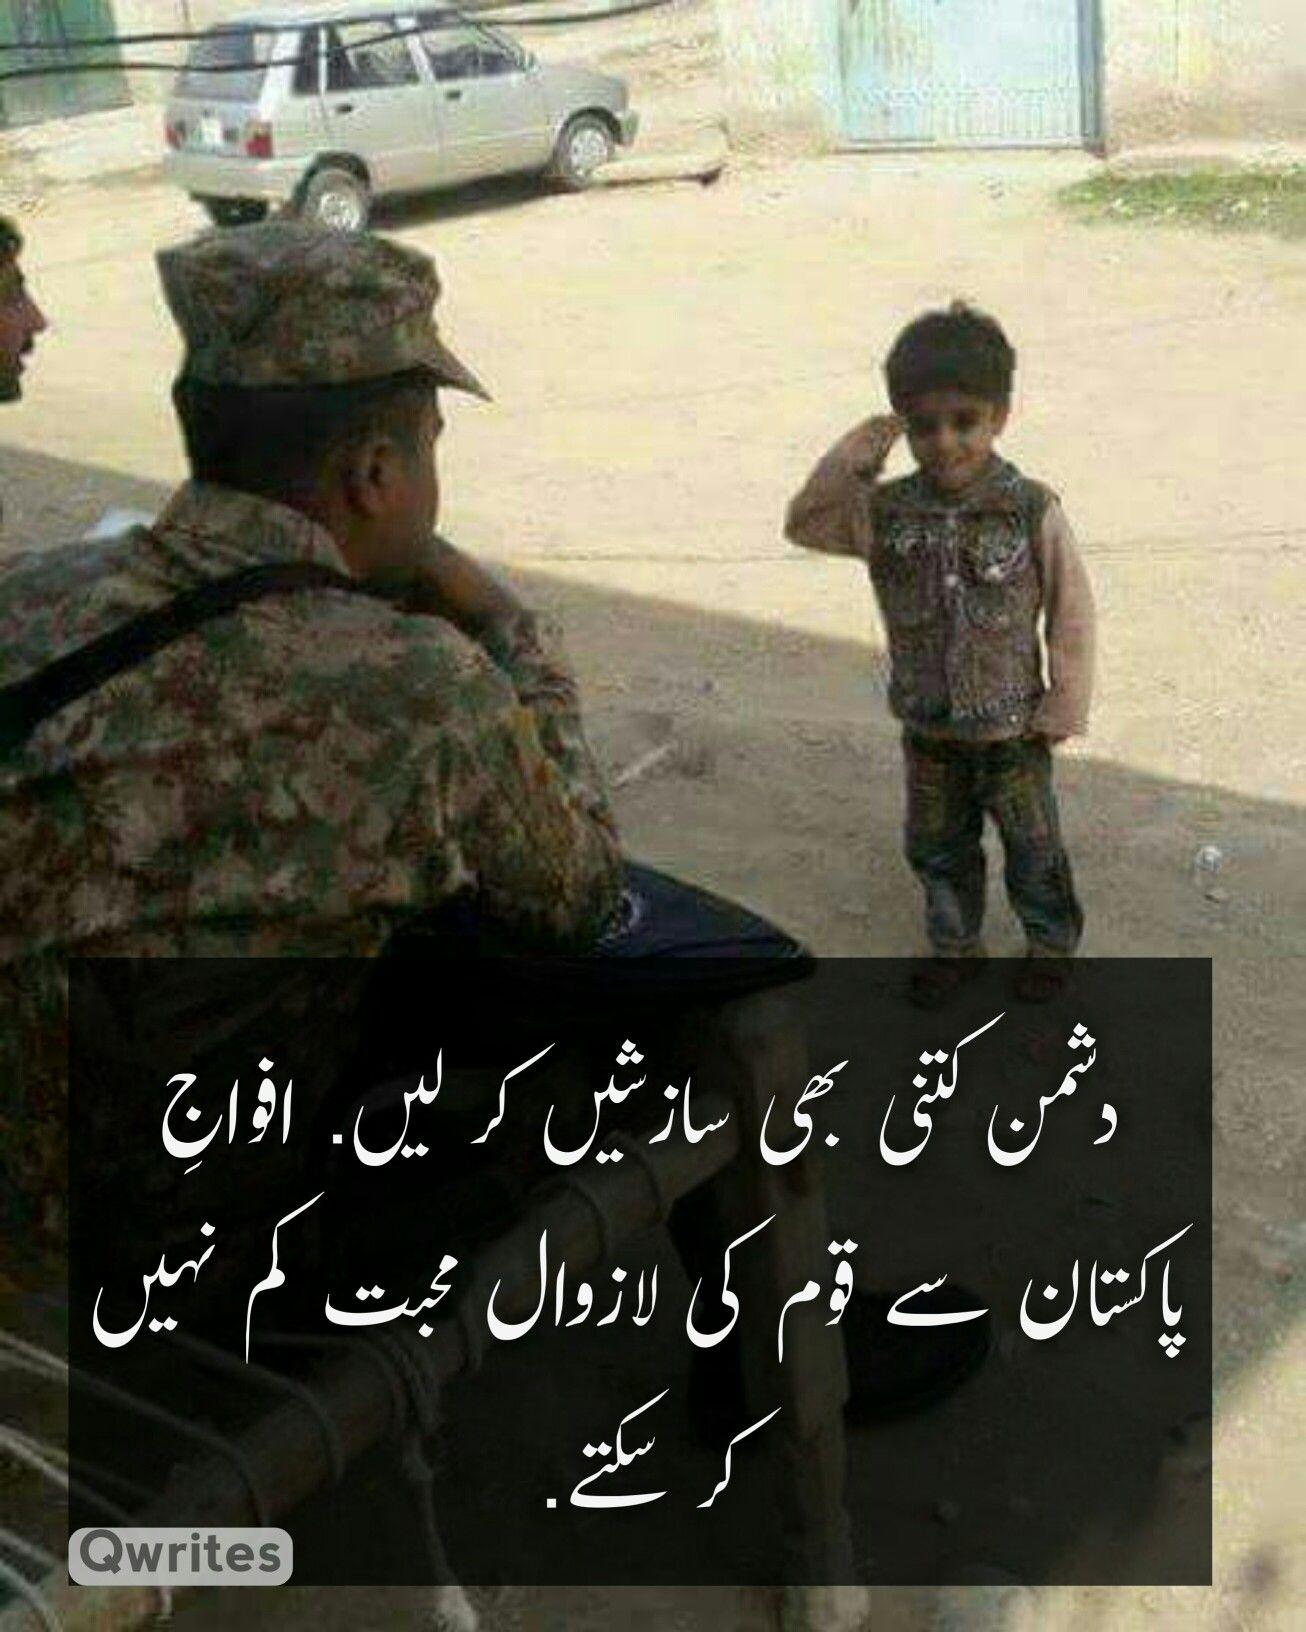 Urdupoetry Urduadab Urdu Urdu Qwrites Pakarmy Pak Army Pakistan Pak Army Quotes Army Quotes Army Poetry